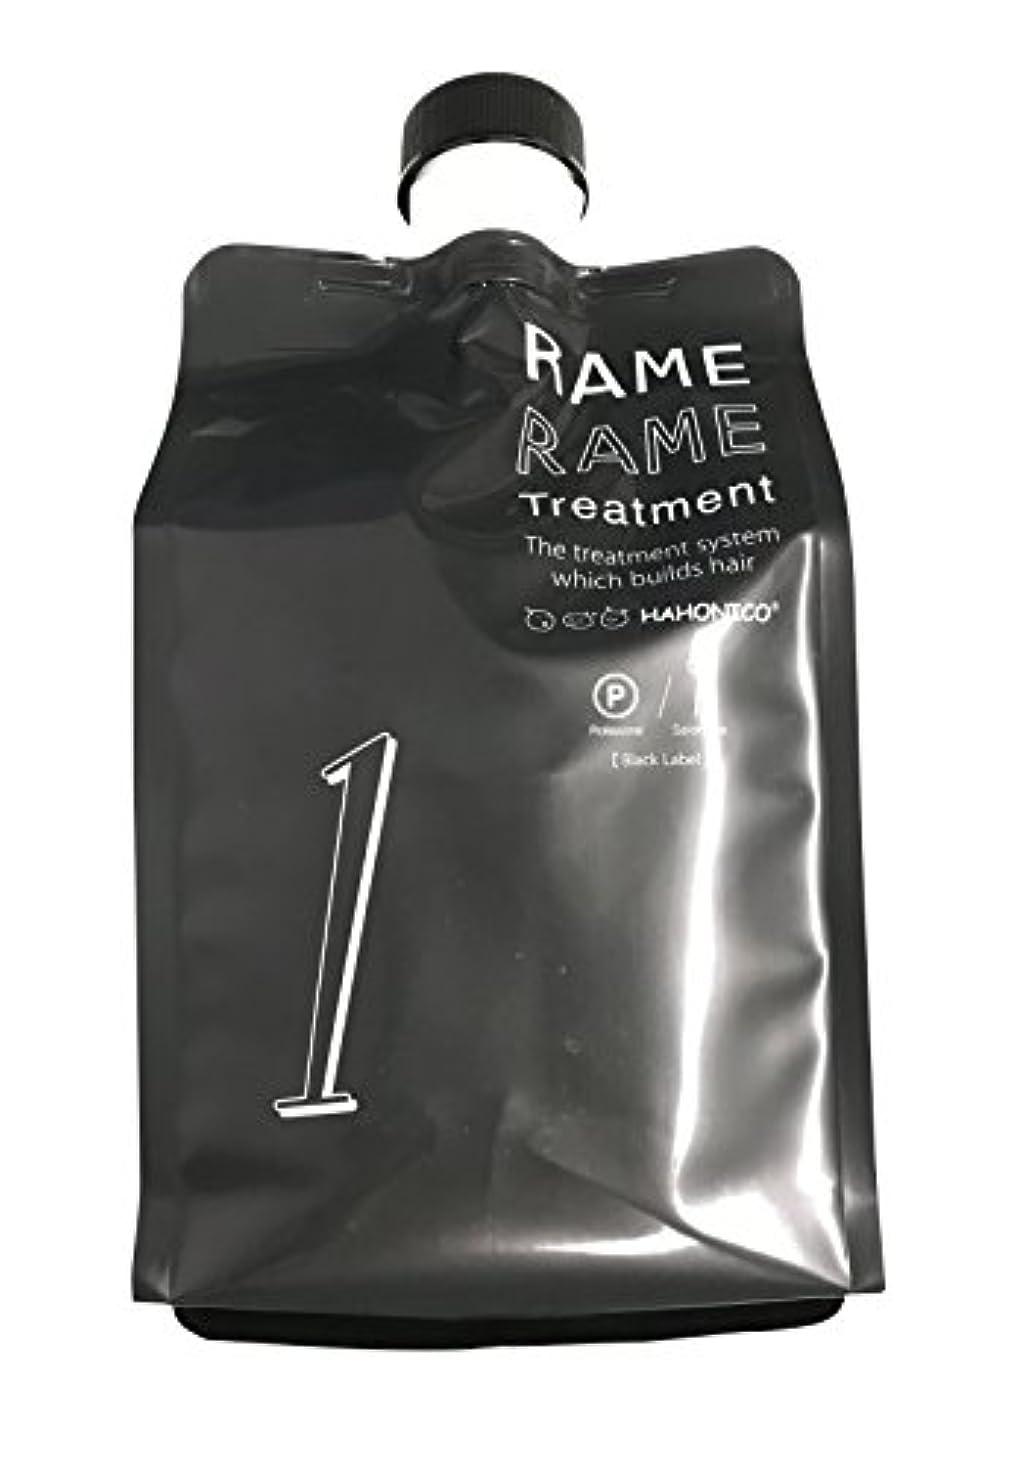 有害な受粉者セグメントハホニコ (HAHONICO) ザラメラメ No.1 Black Label 1000g